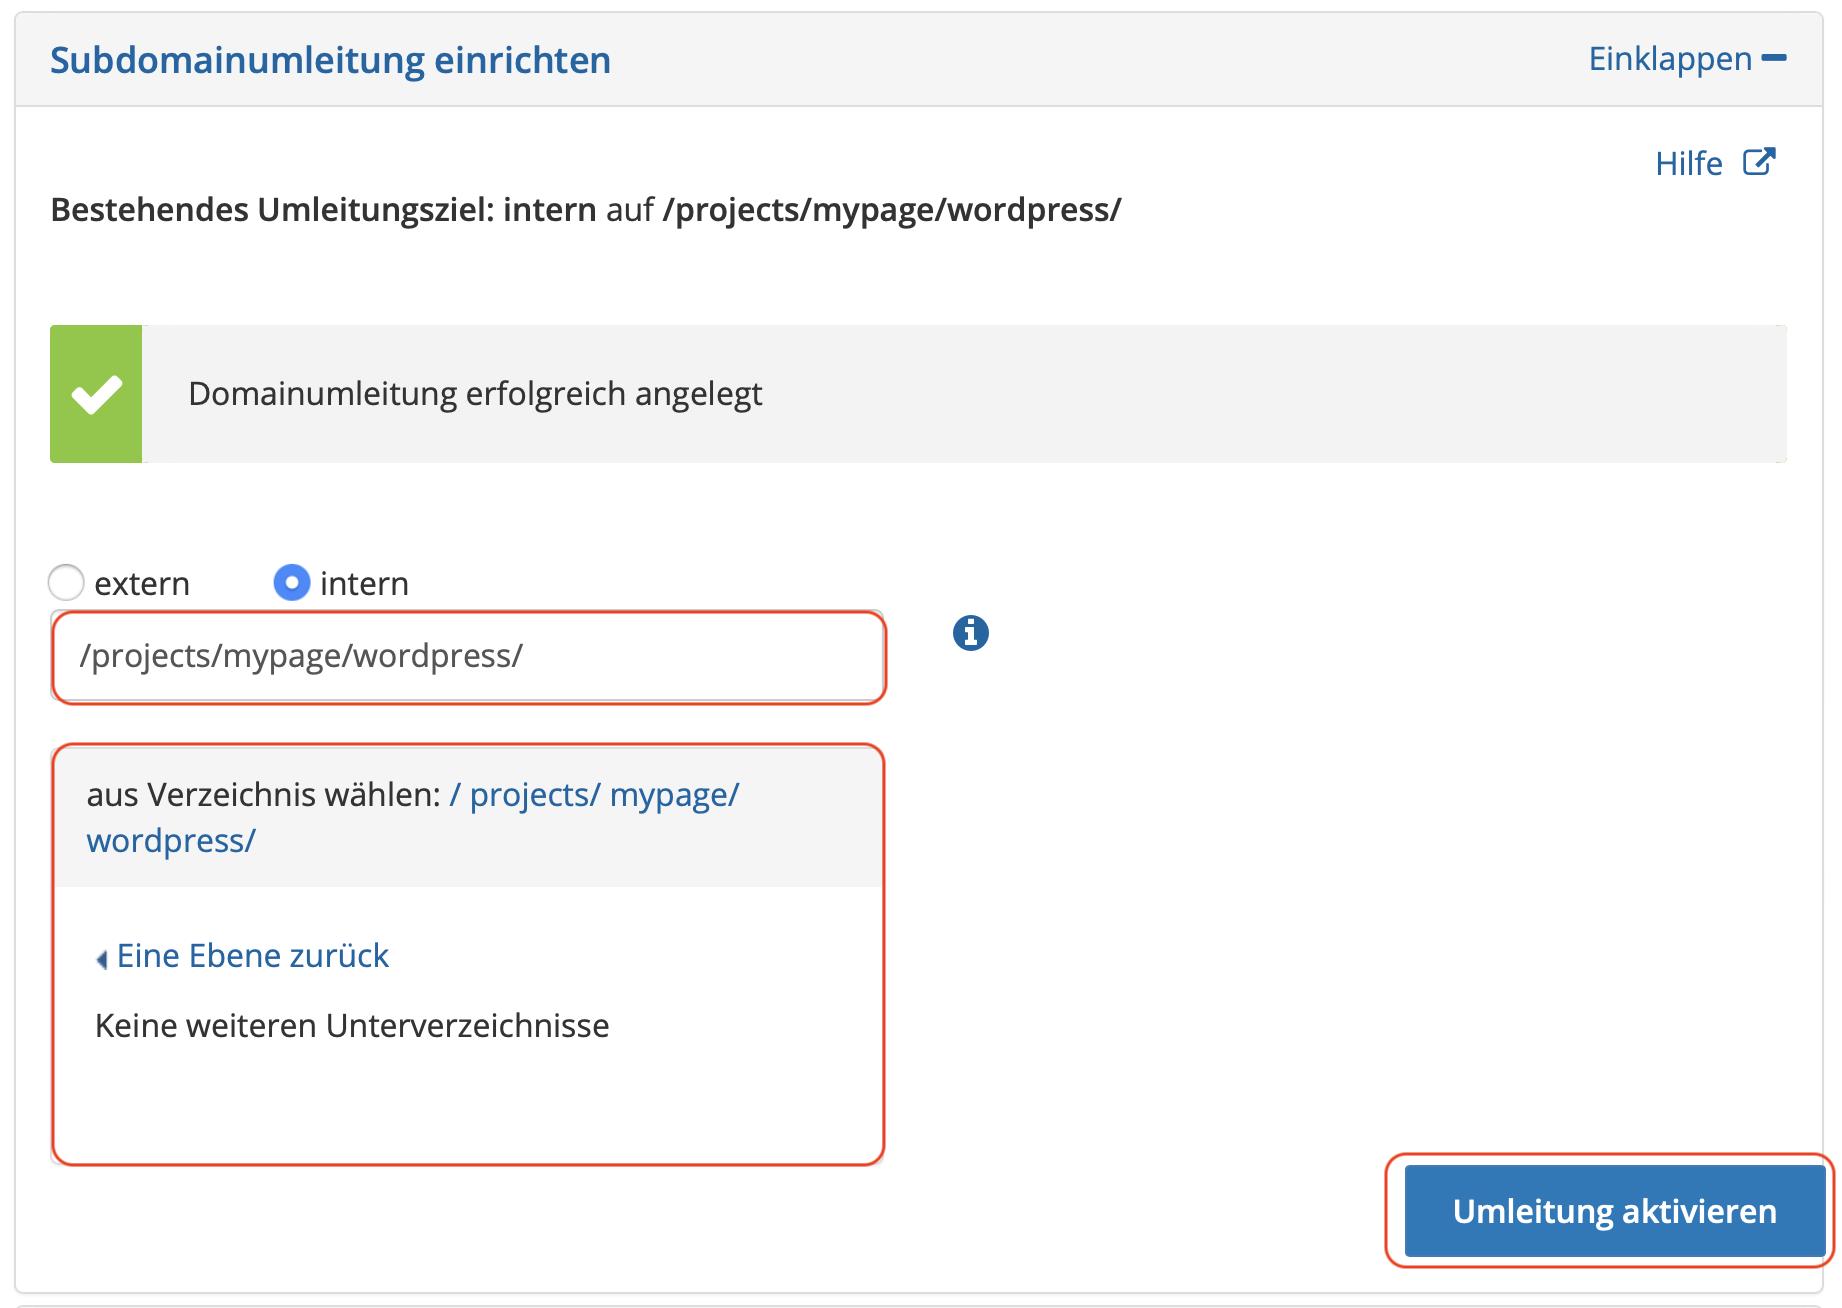 Domain Umleitung